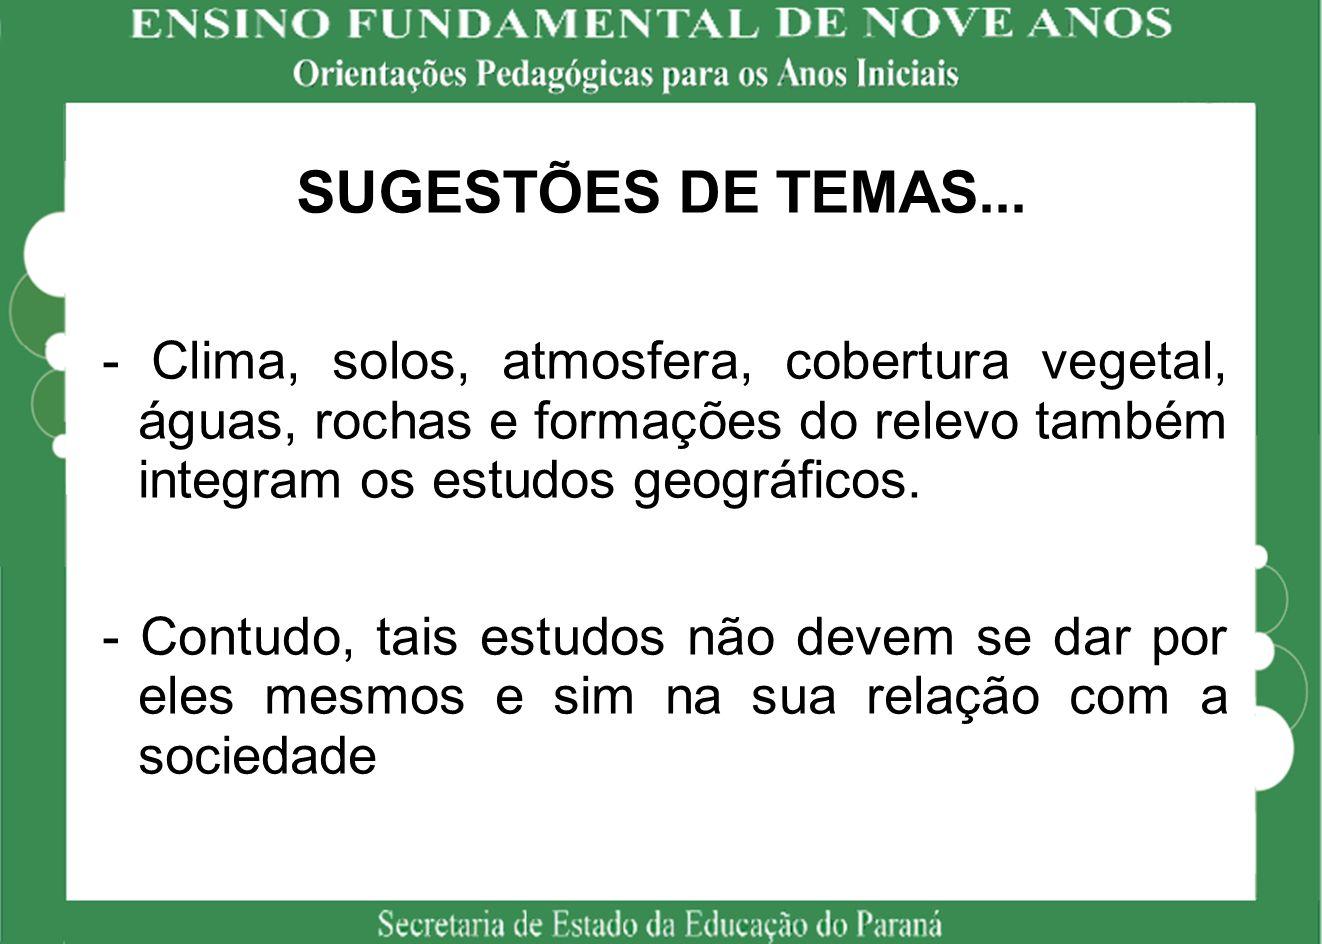 SUGESTÕES DE TEMAS...